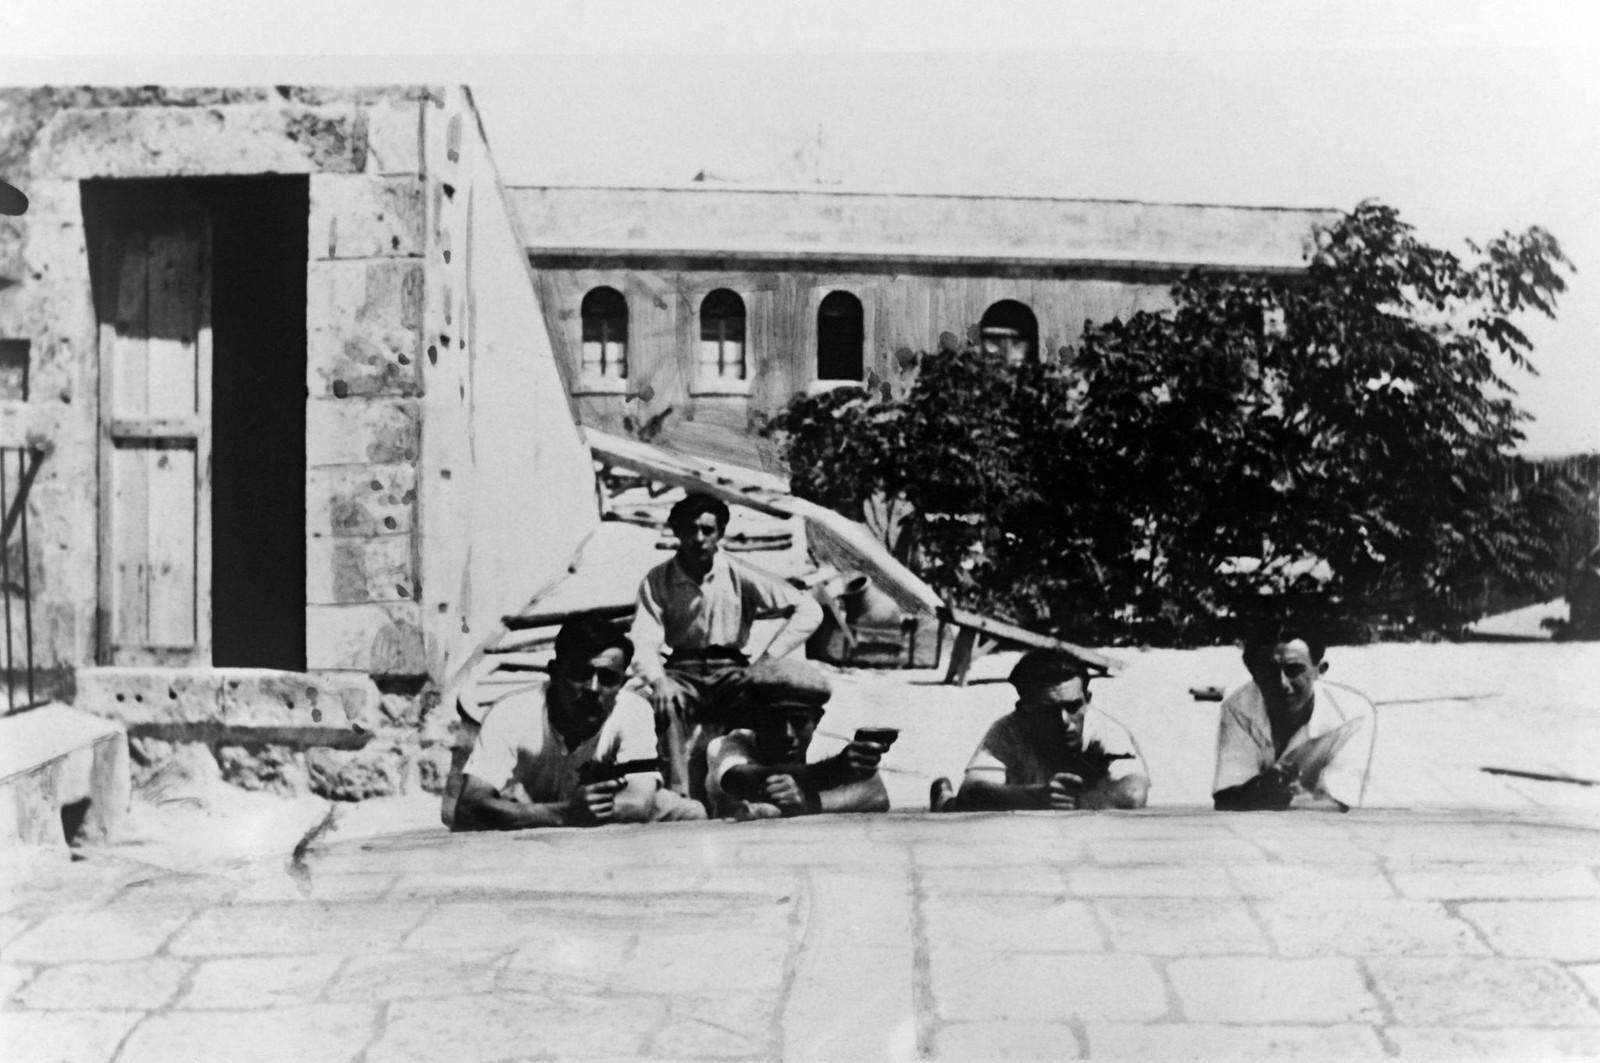 30. 23–31 августа. Иерусалим. Еврейские студенты защищают свою школу от арабских погромщиков